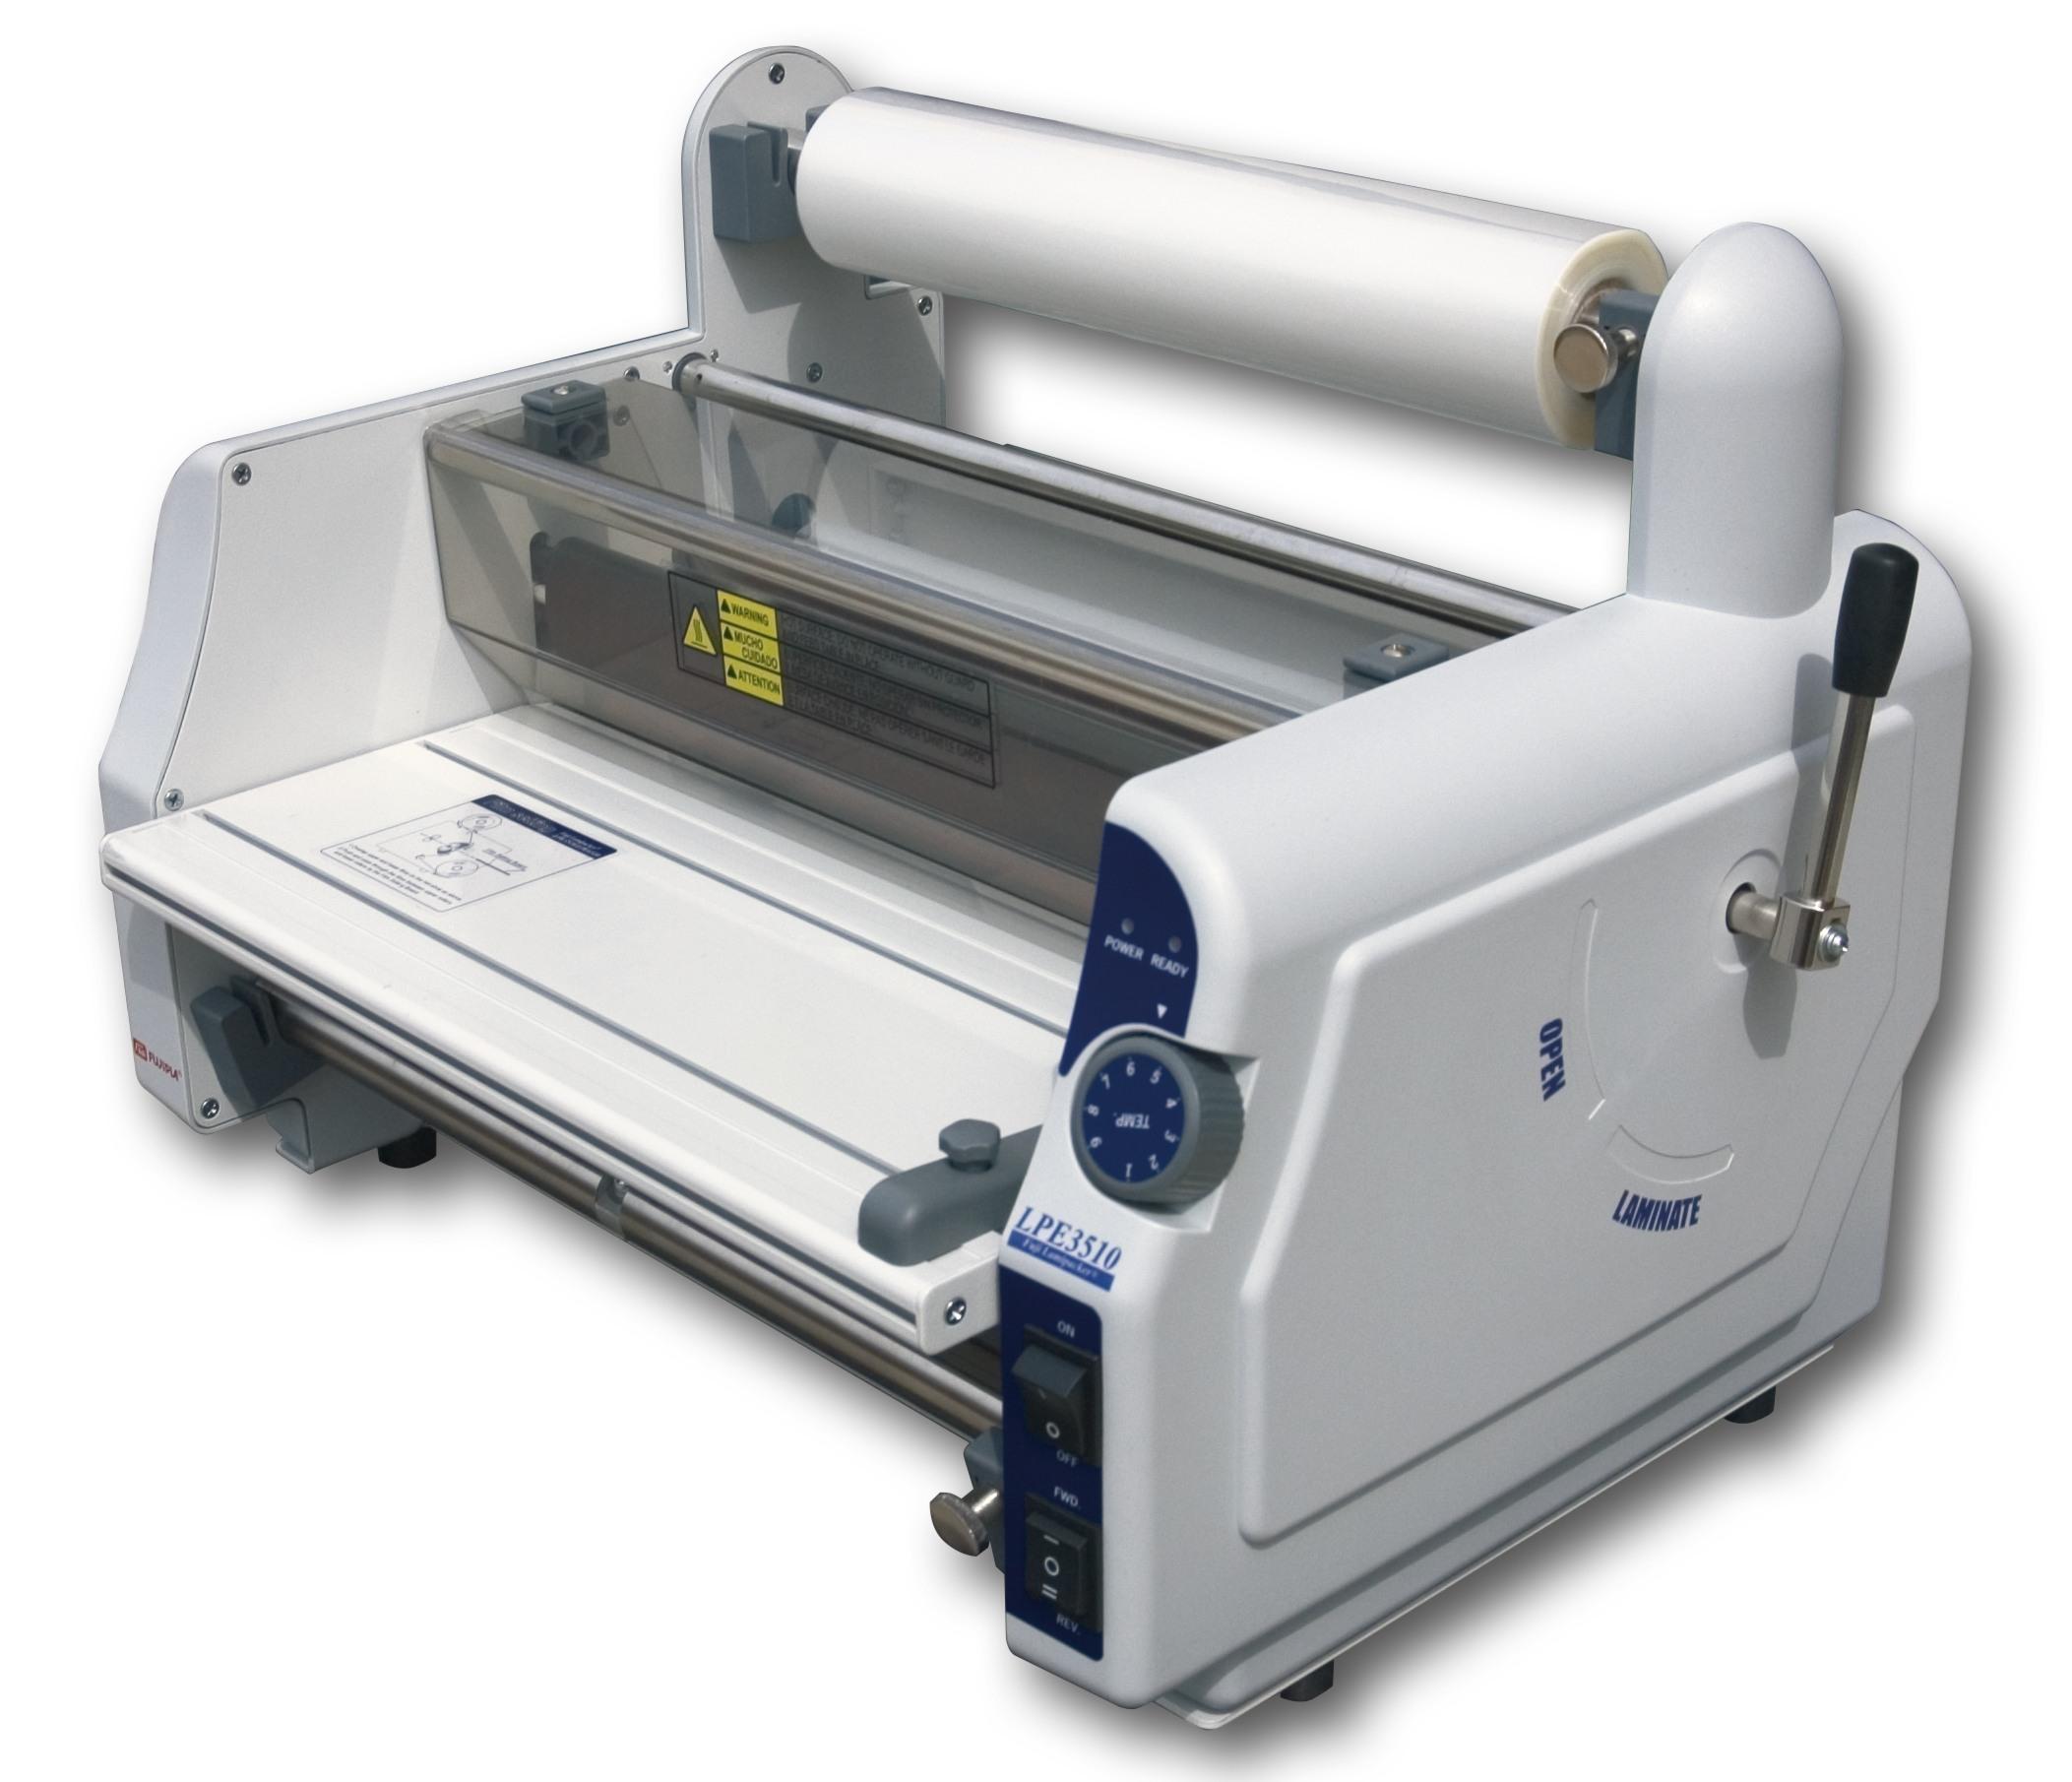 DryLam LPE3510 Laminator